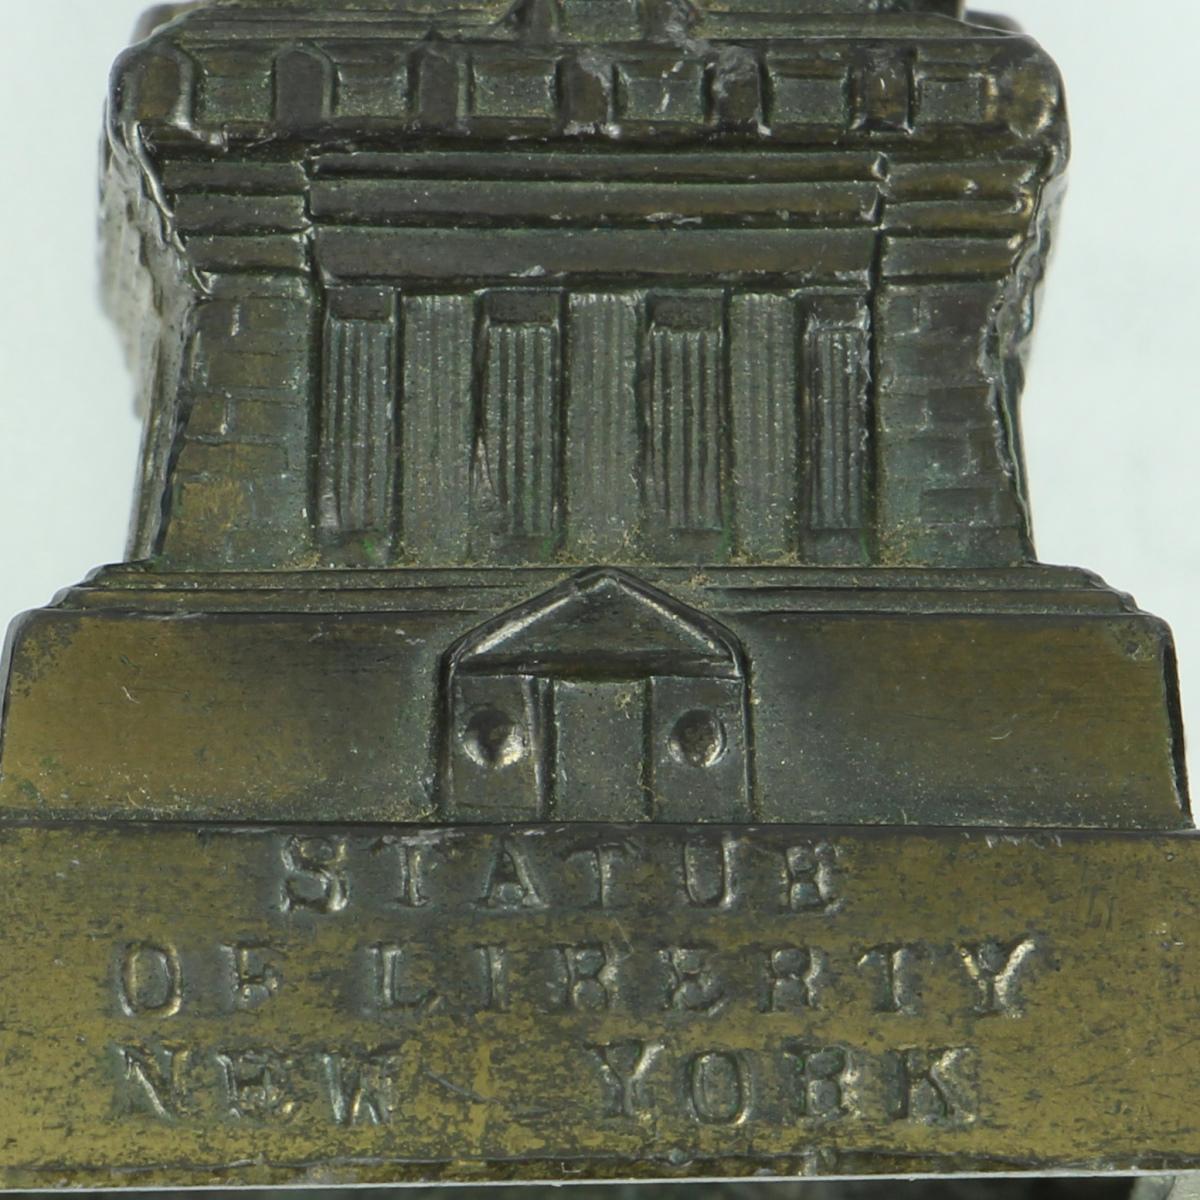 Afbeeldingen van Statue of Liberty New York